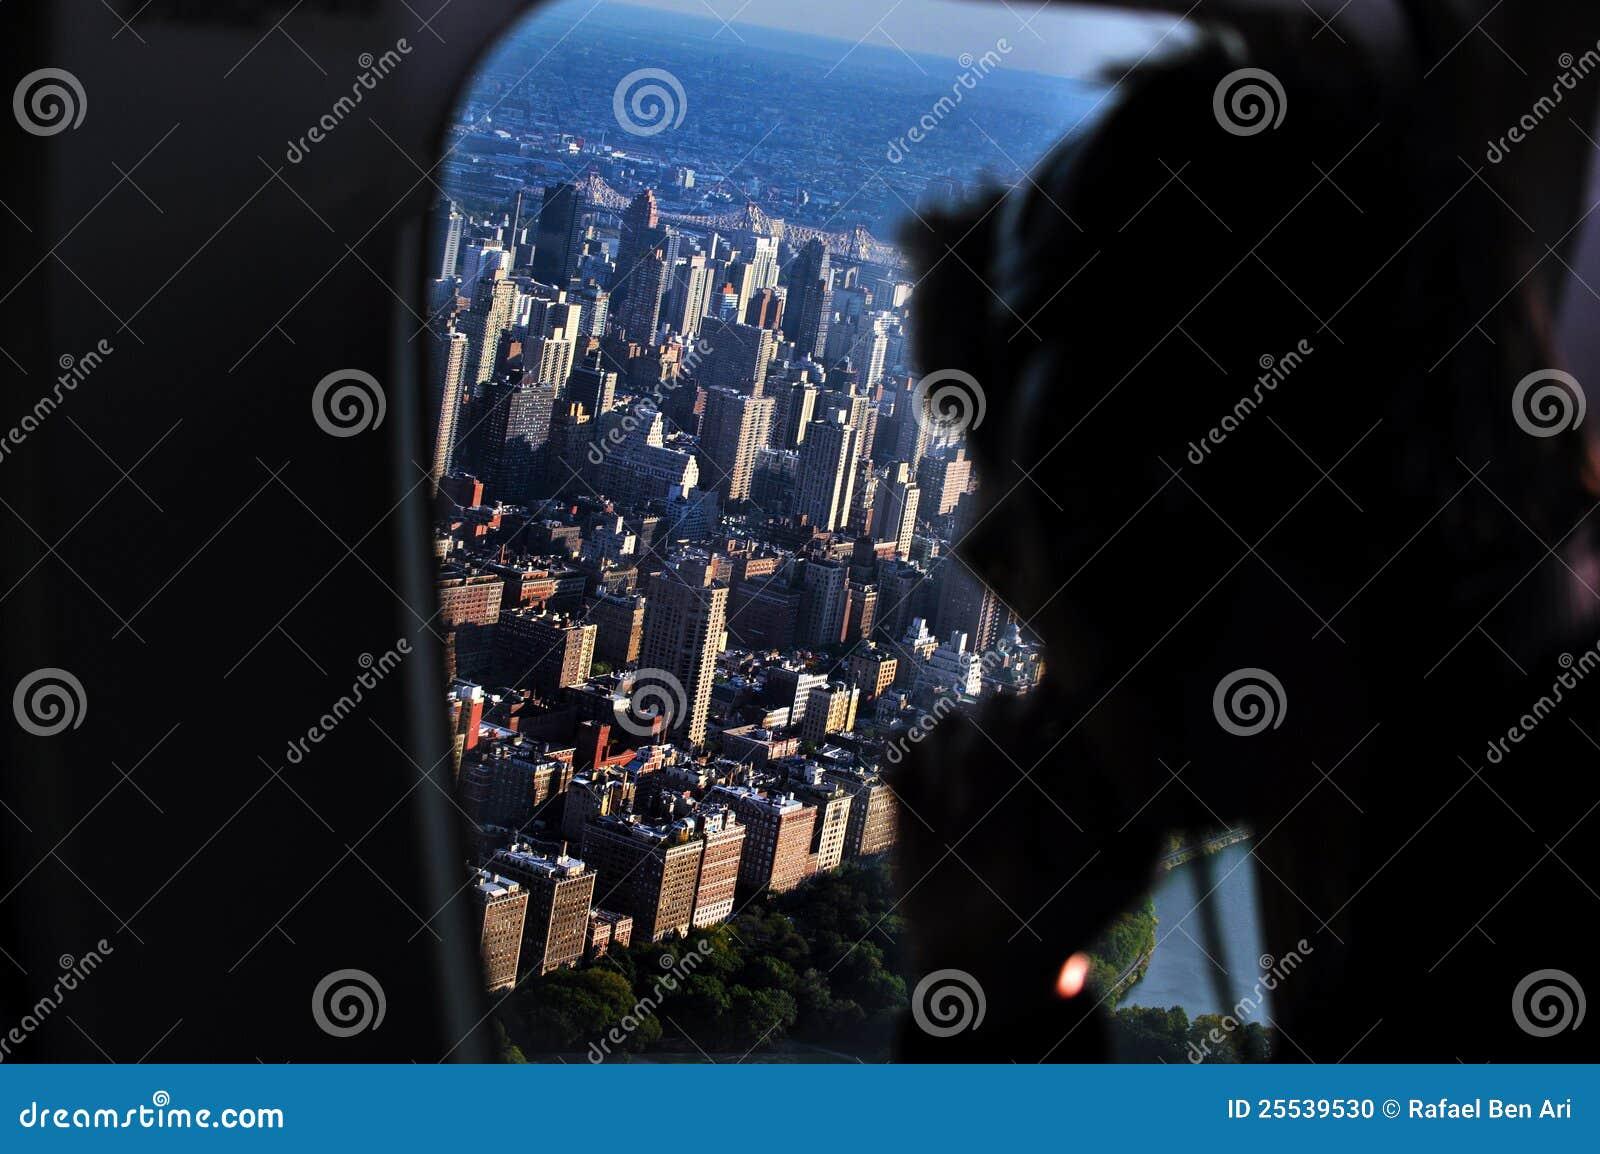 Elicottero Jfk Manhattan : Volo dell elicottero sopra manhattan immagine editoriale